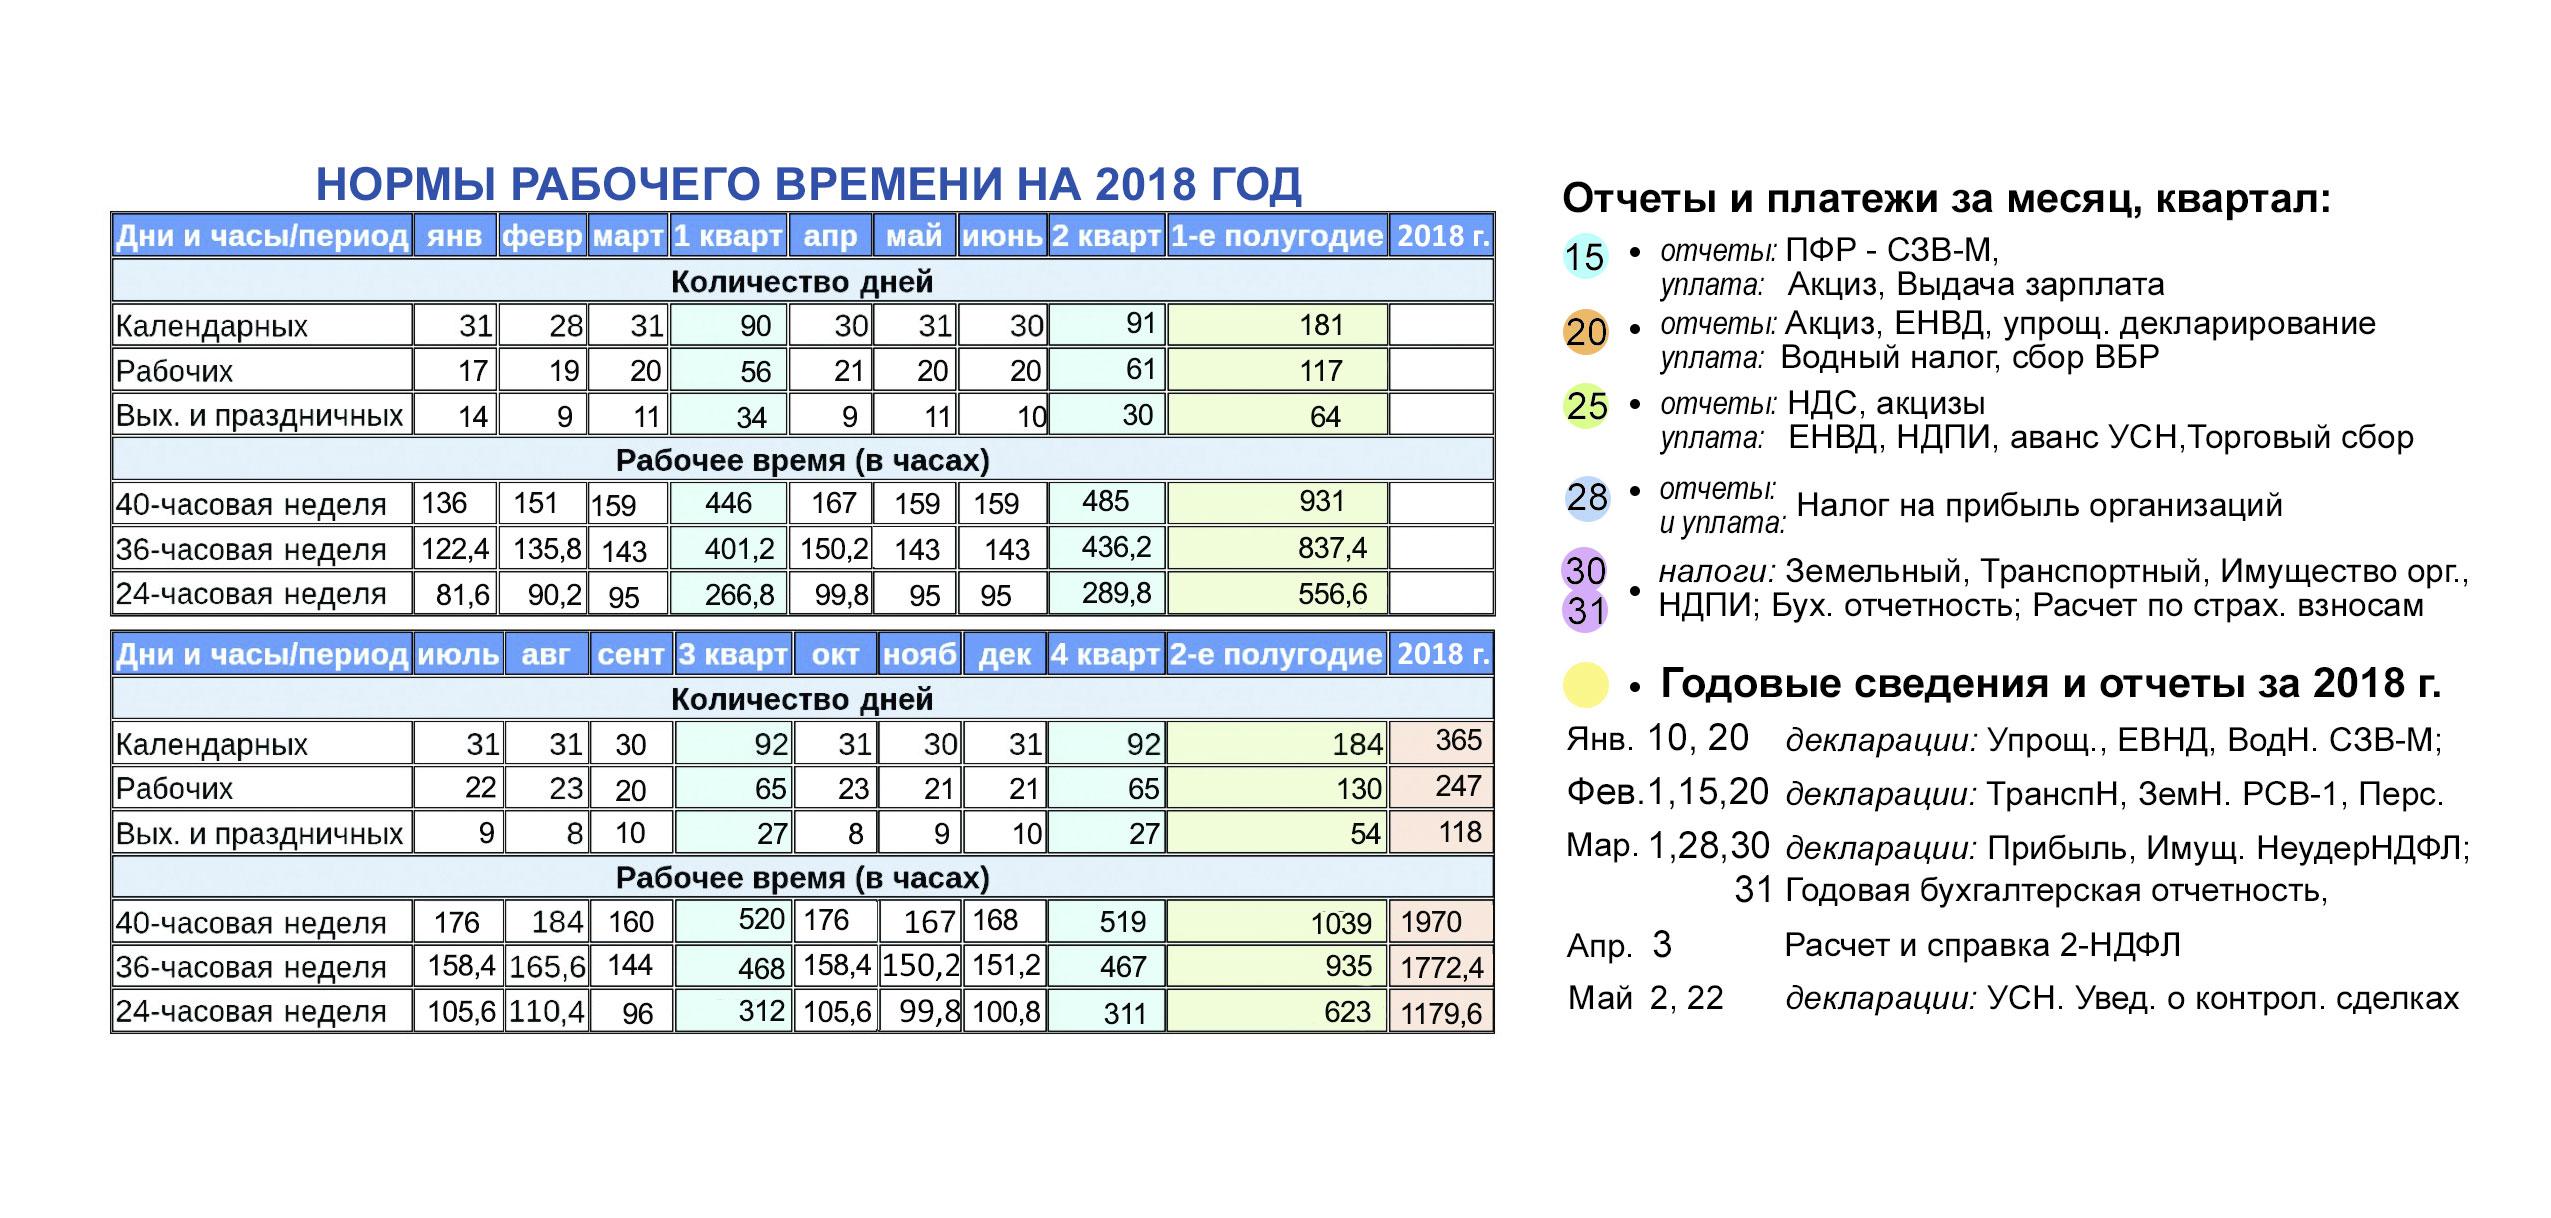 Смотреть Налог на прибыль 2019: ставка и сроки уплаты для юридических лиц, НВК в Украине, декларация видео